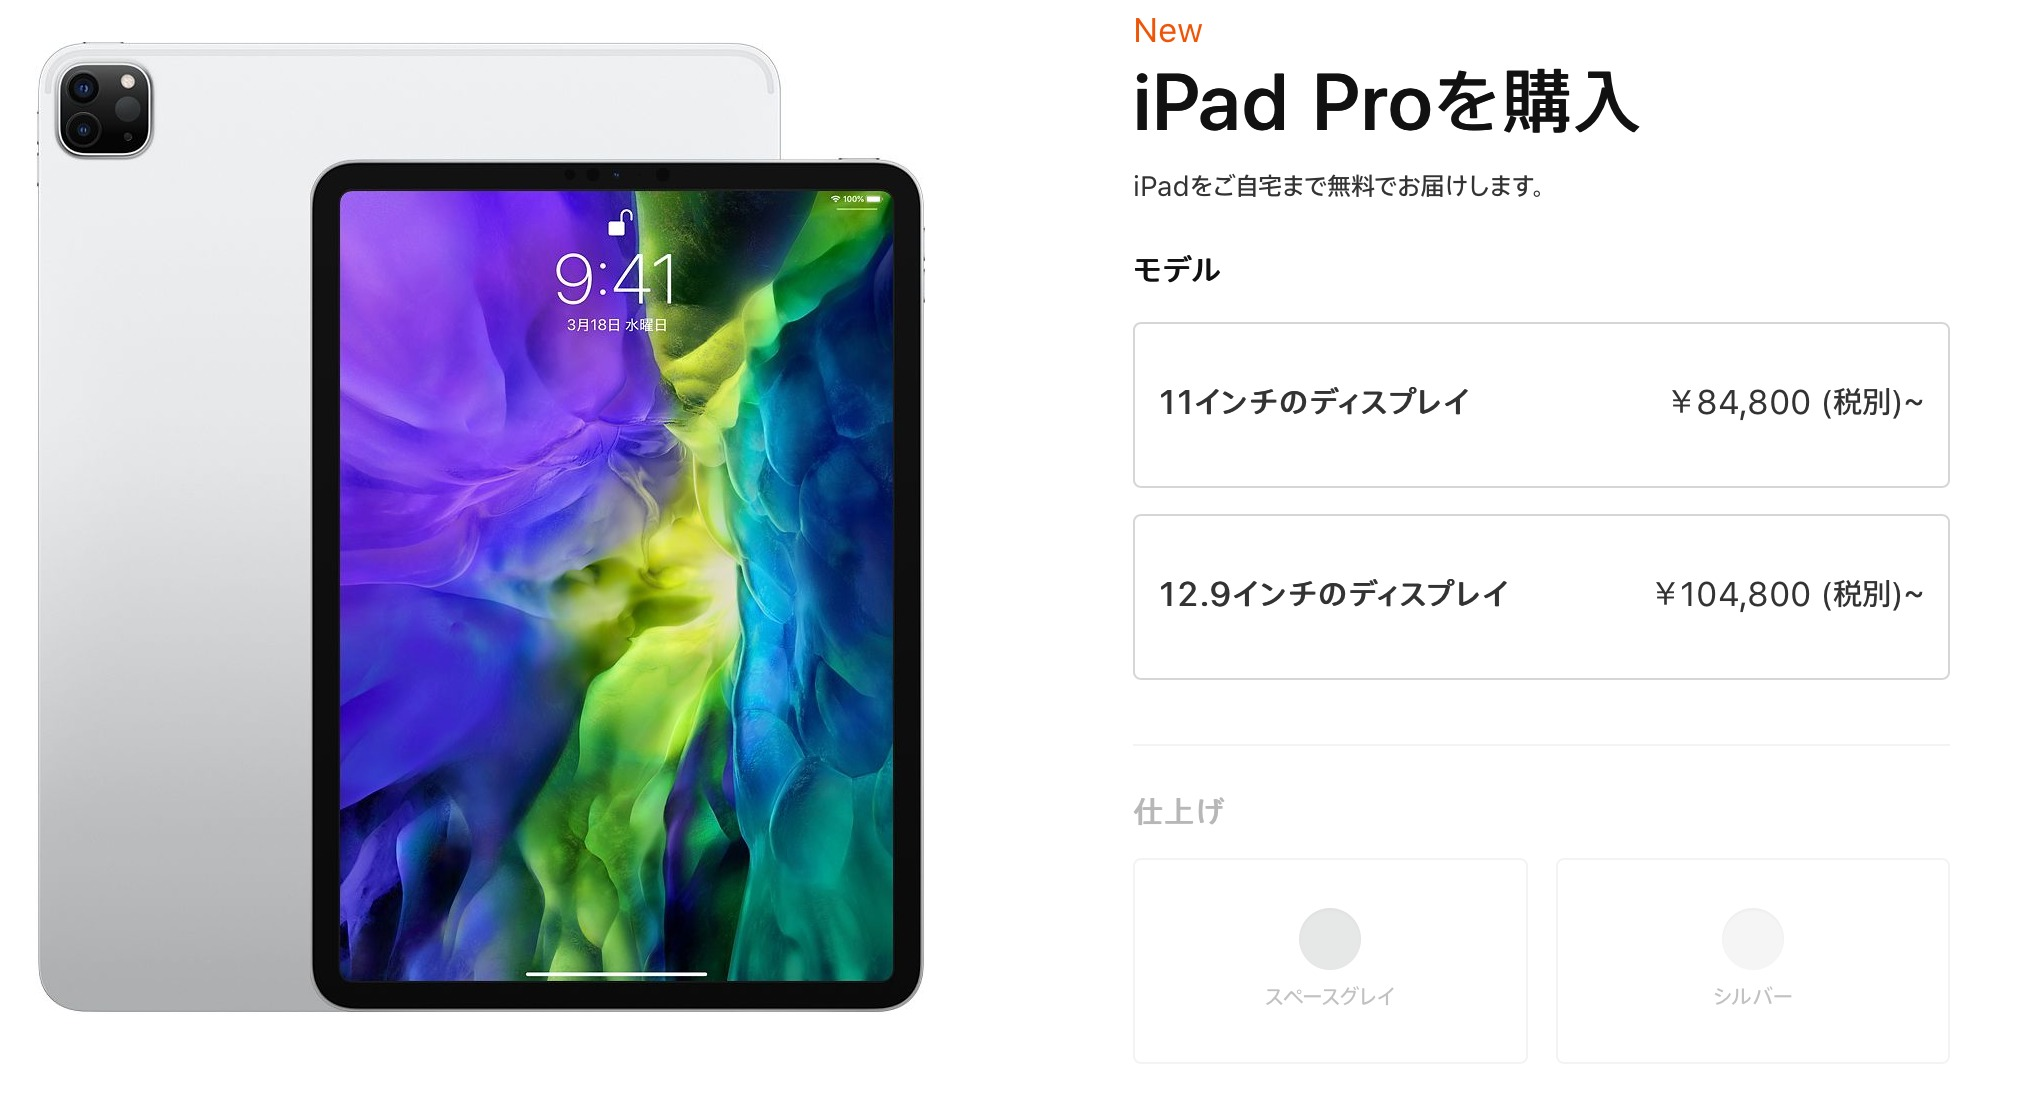 【更新】2020年の新型iPad Proは買い?旧型が狙い目かも?